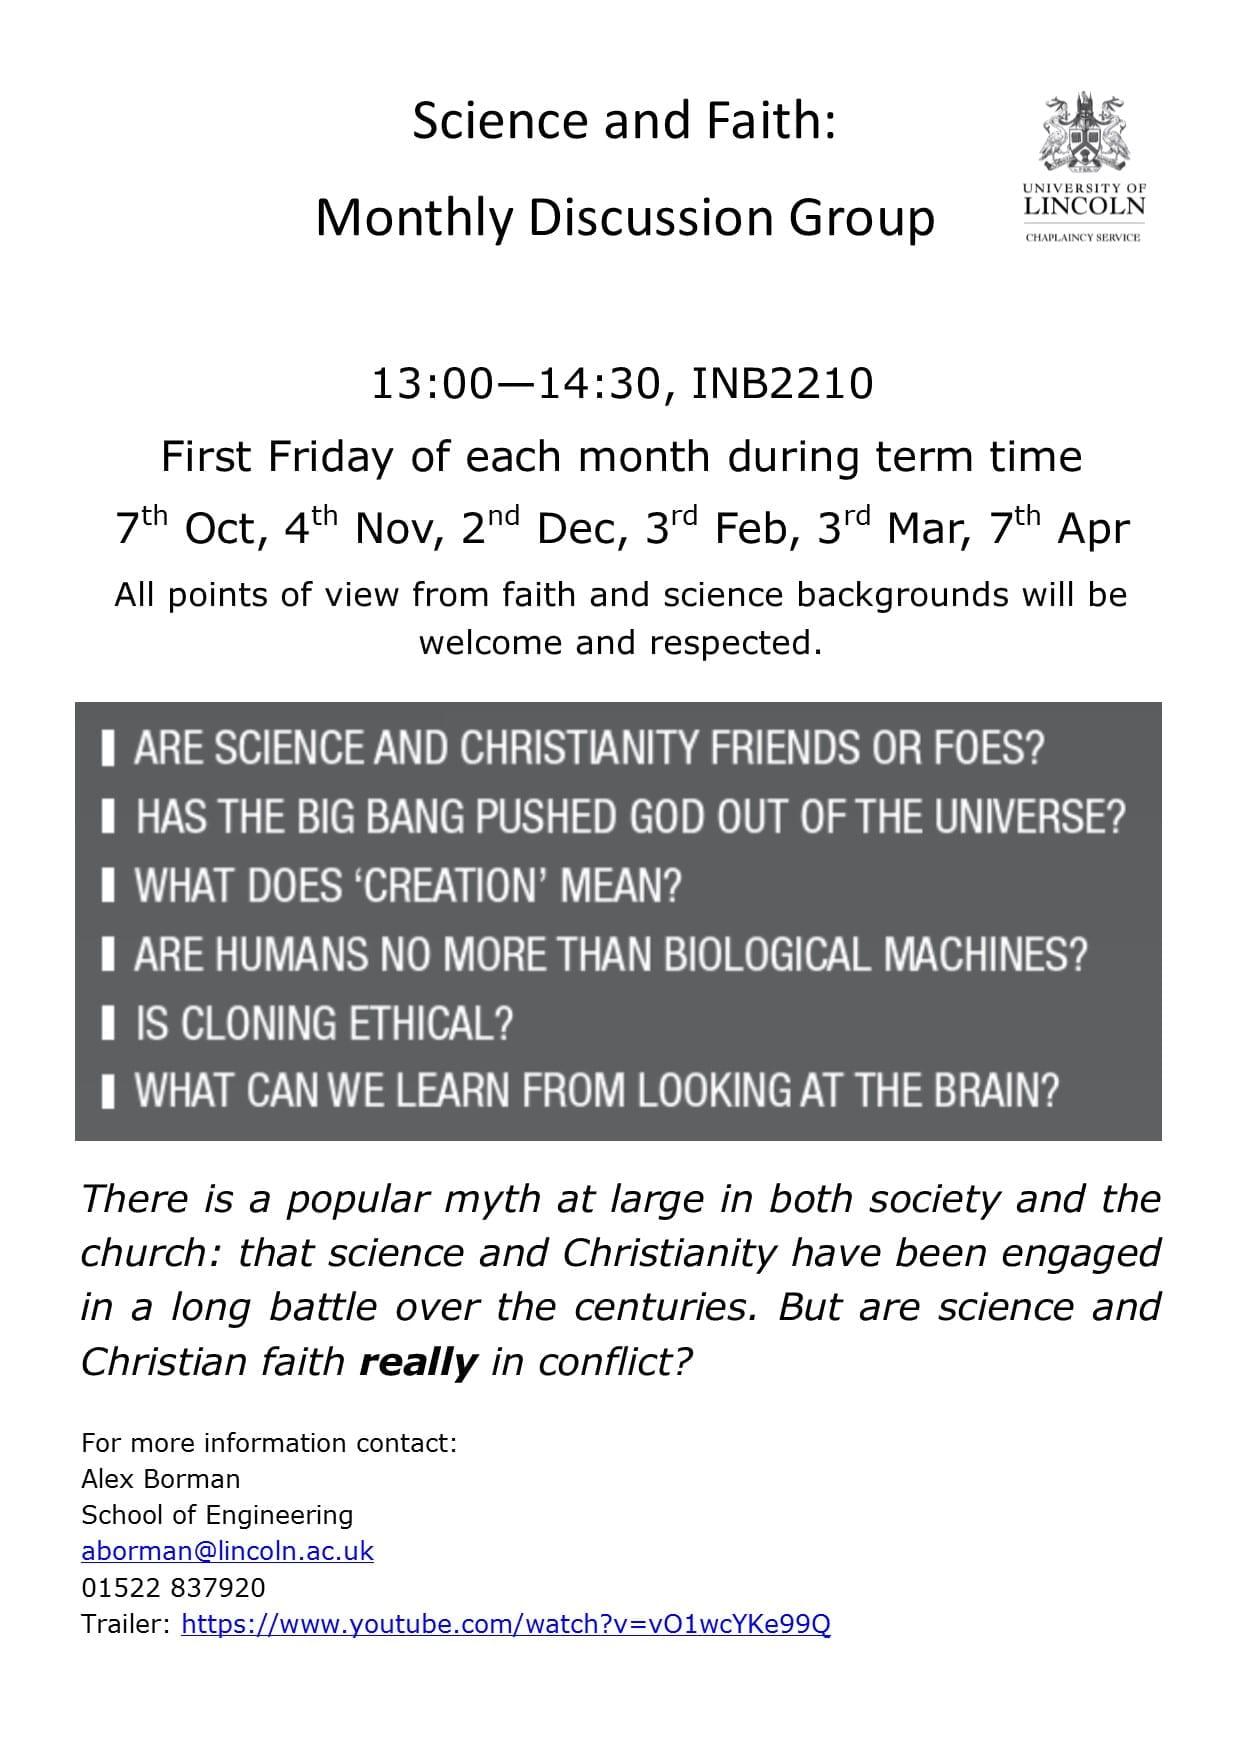 Sci_Faith_poster